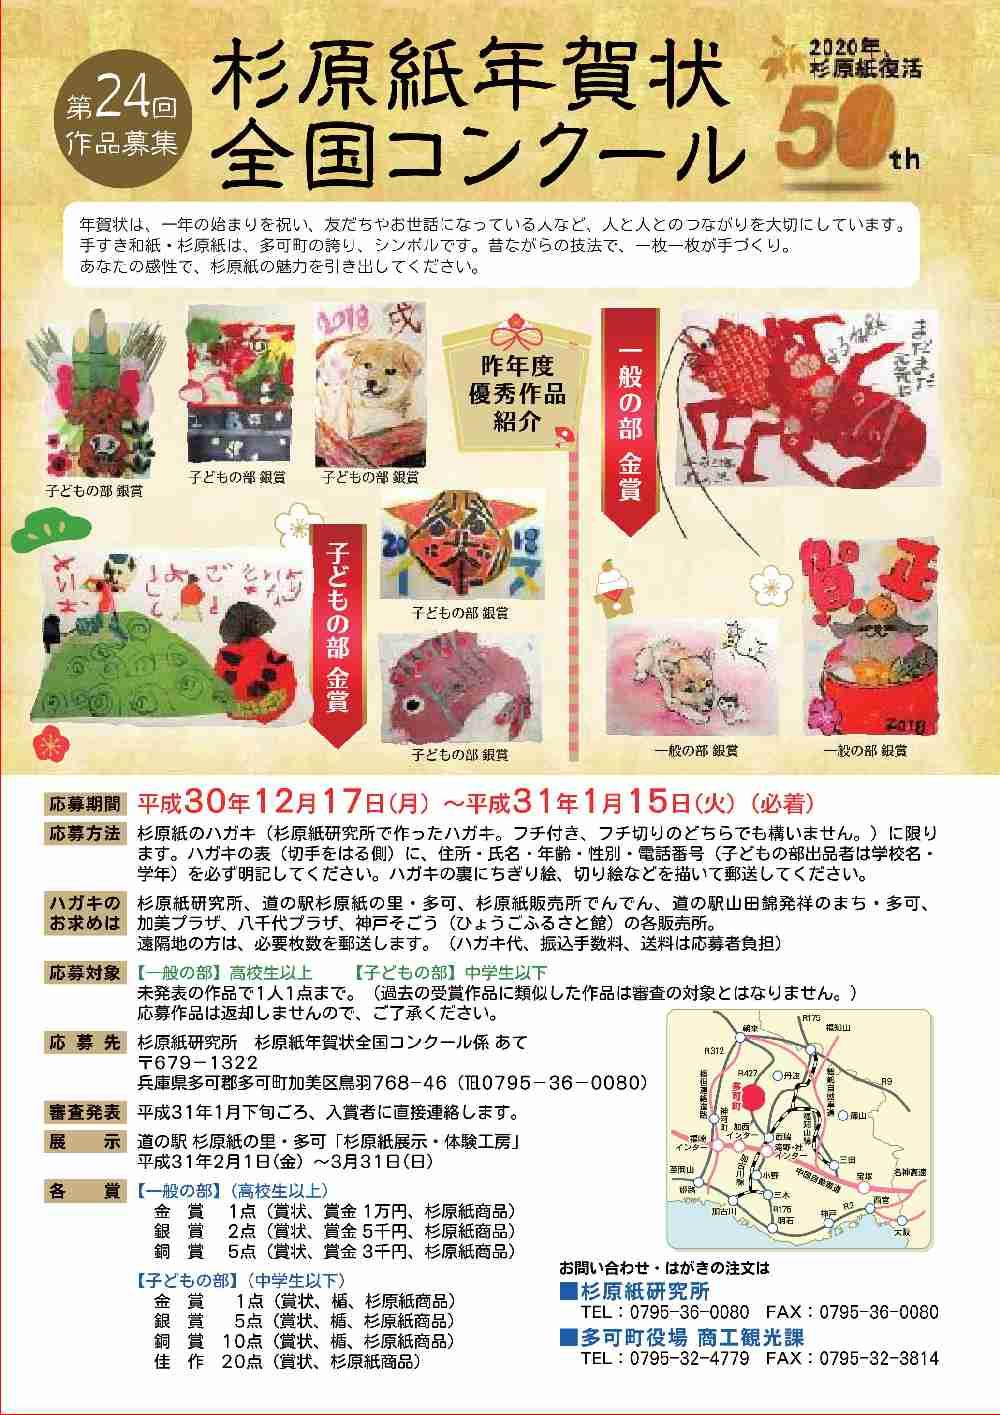 12/17~1/15 第24回杉原紙年賀状全国コンクール 作品募集!